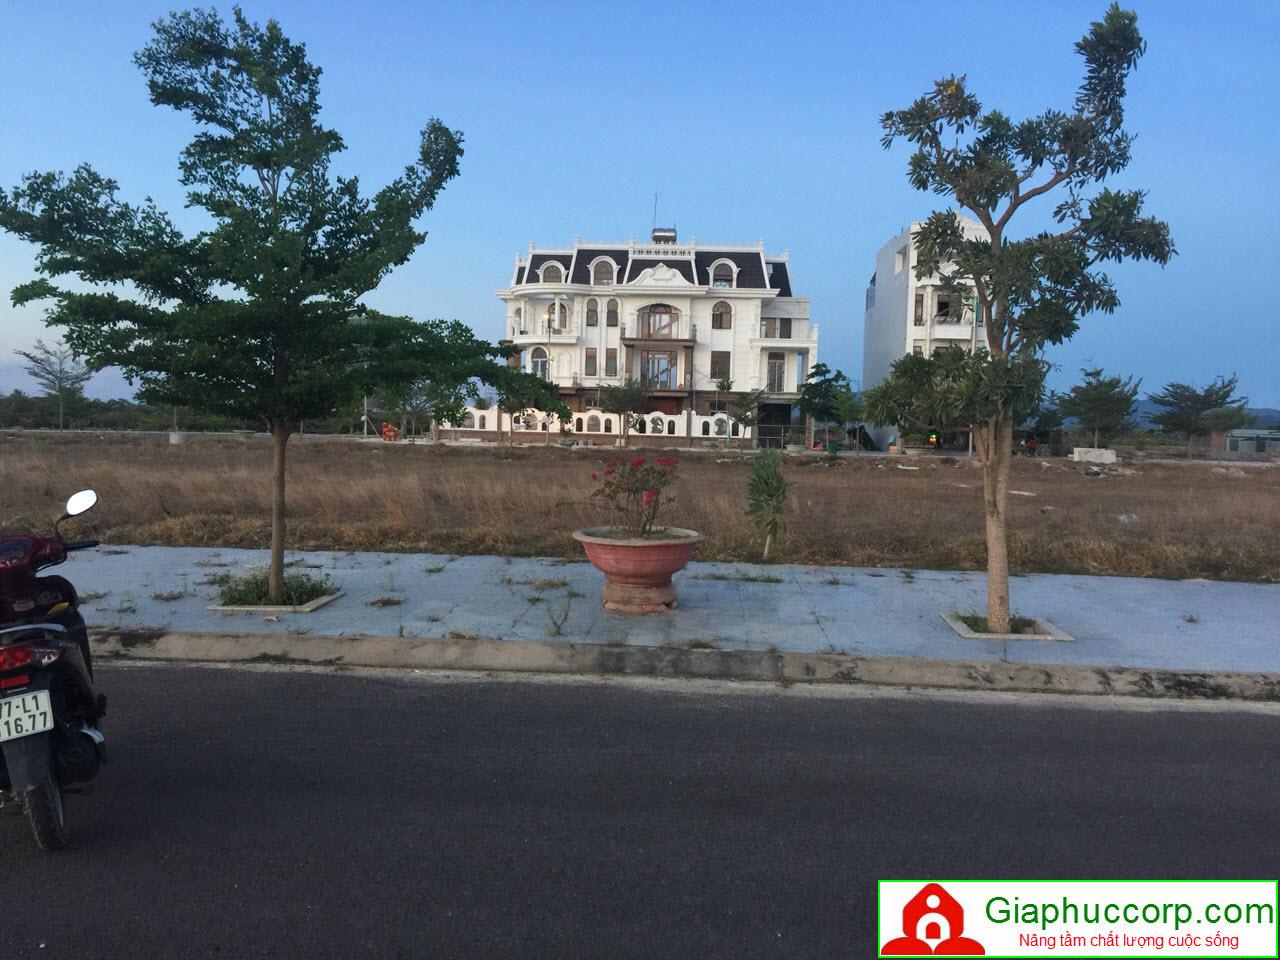 Khu B3 mặt tiền đường Phạm Thành - An Phú Thịnh Quy Nhơn